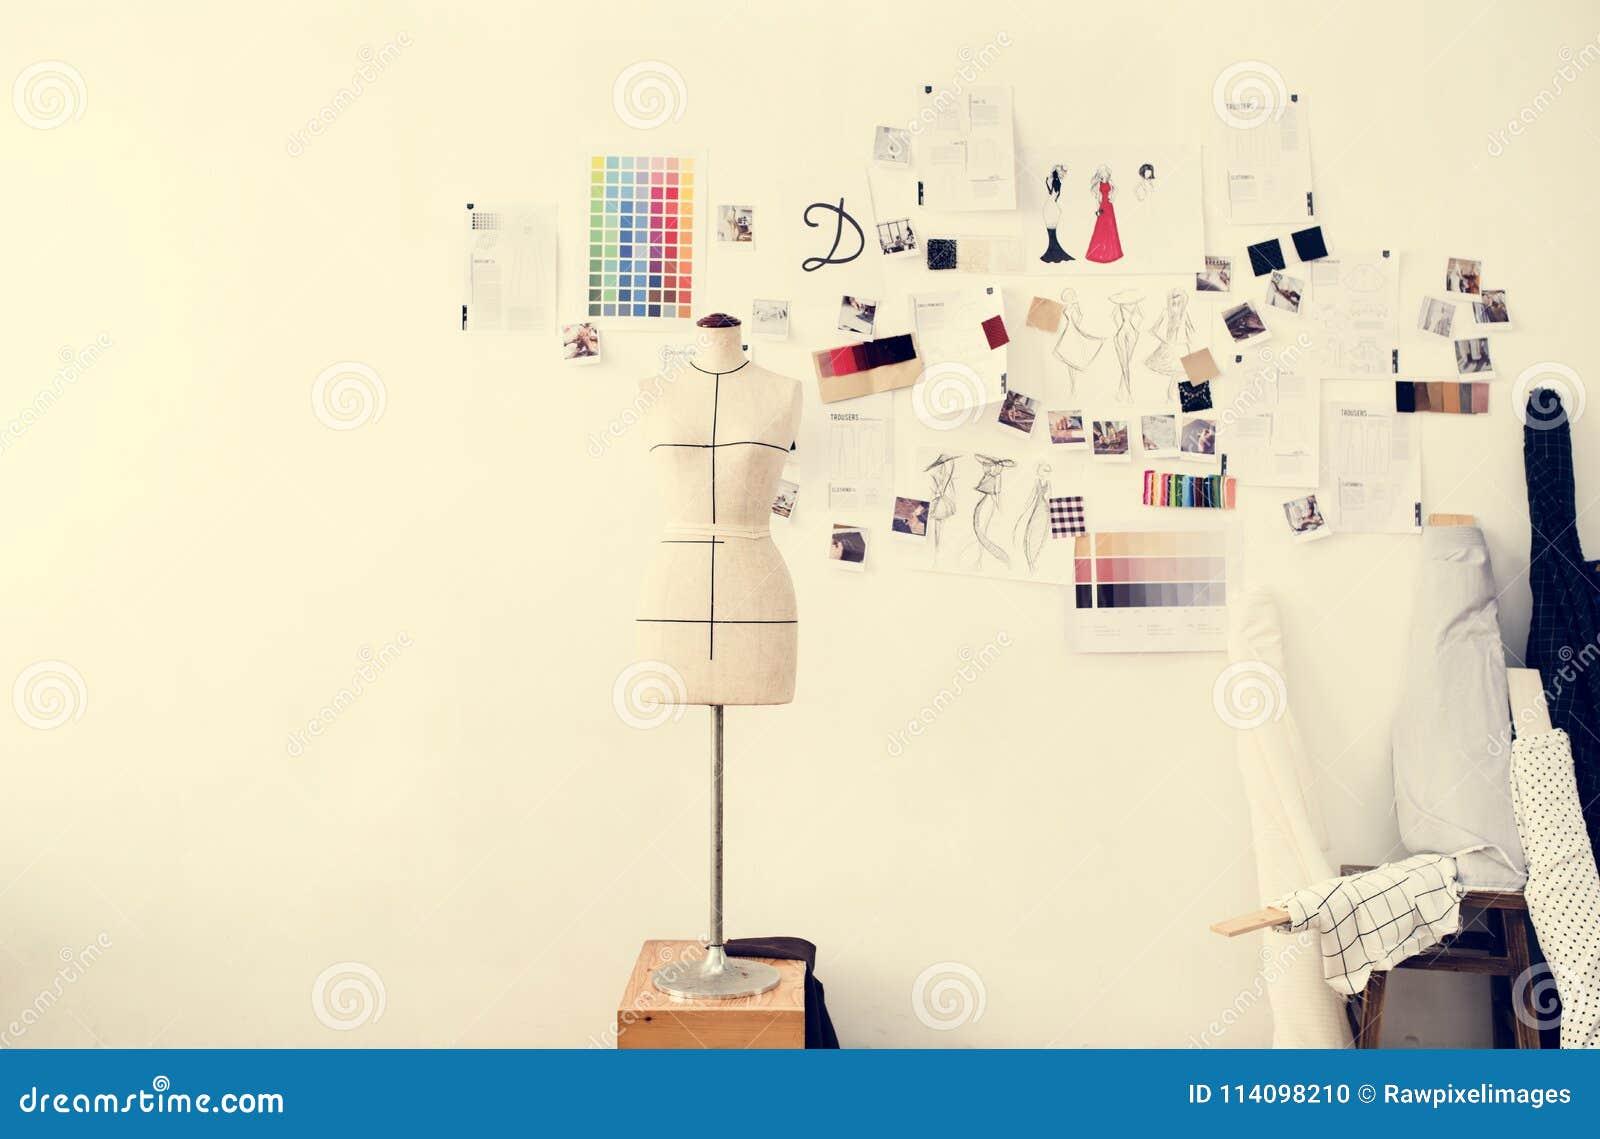 79377be0f Artículos Creativos Del Espacio De Trabajo Del Diseñador De Moda ...